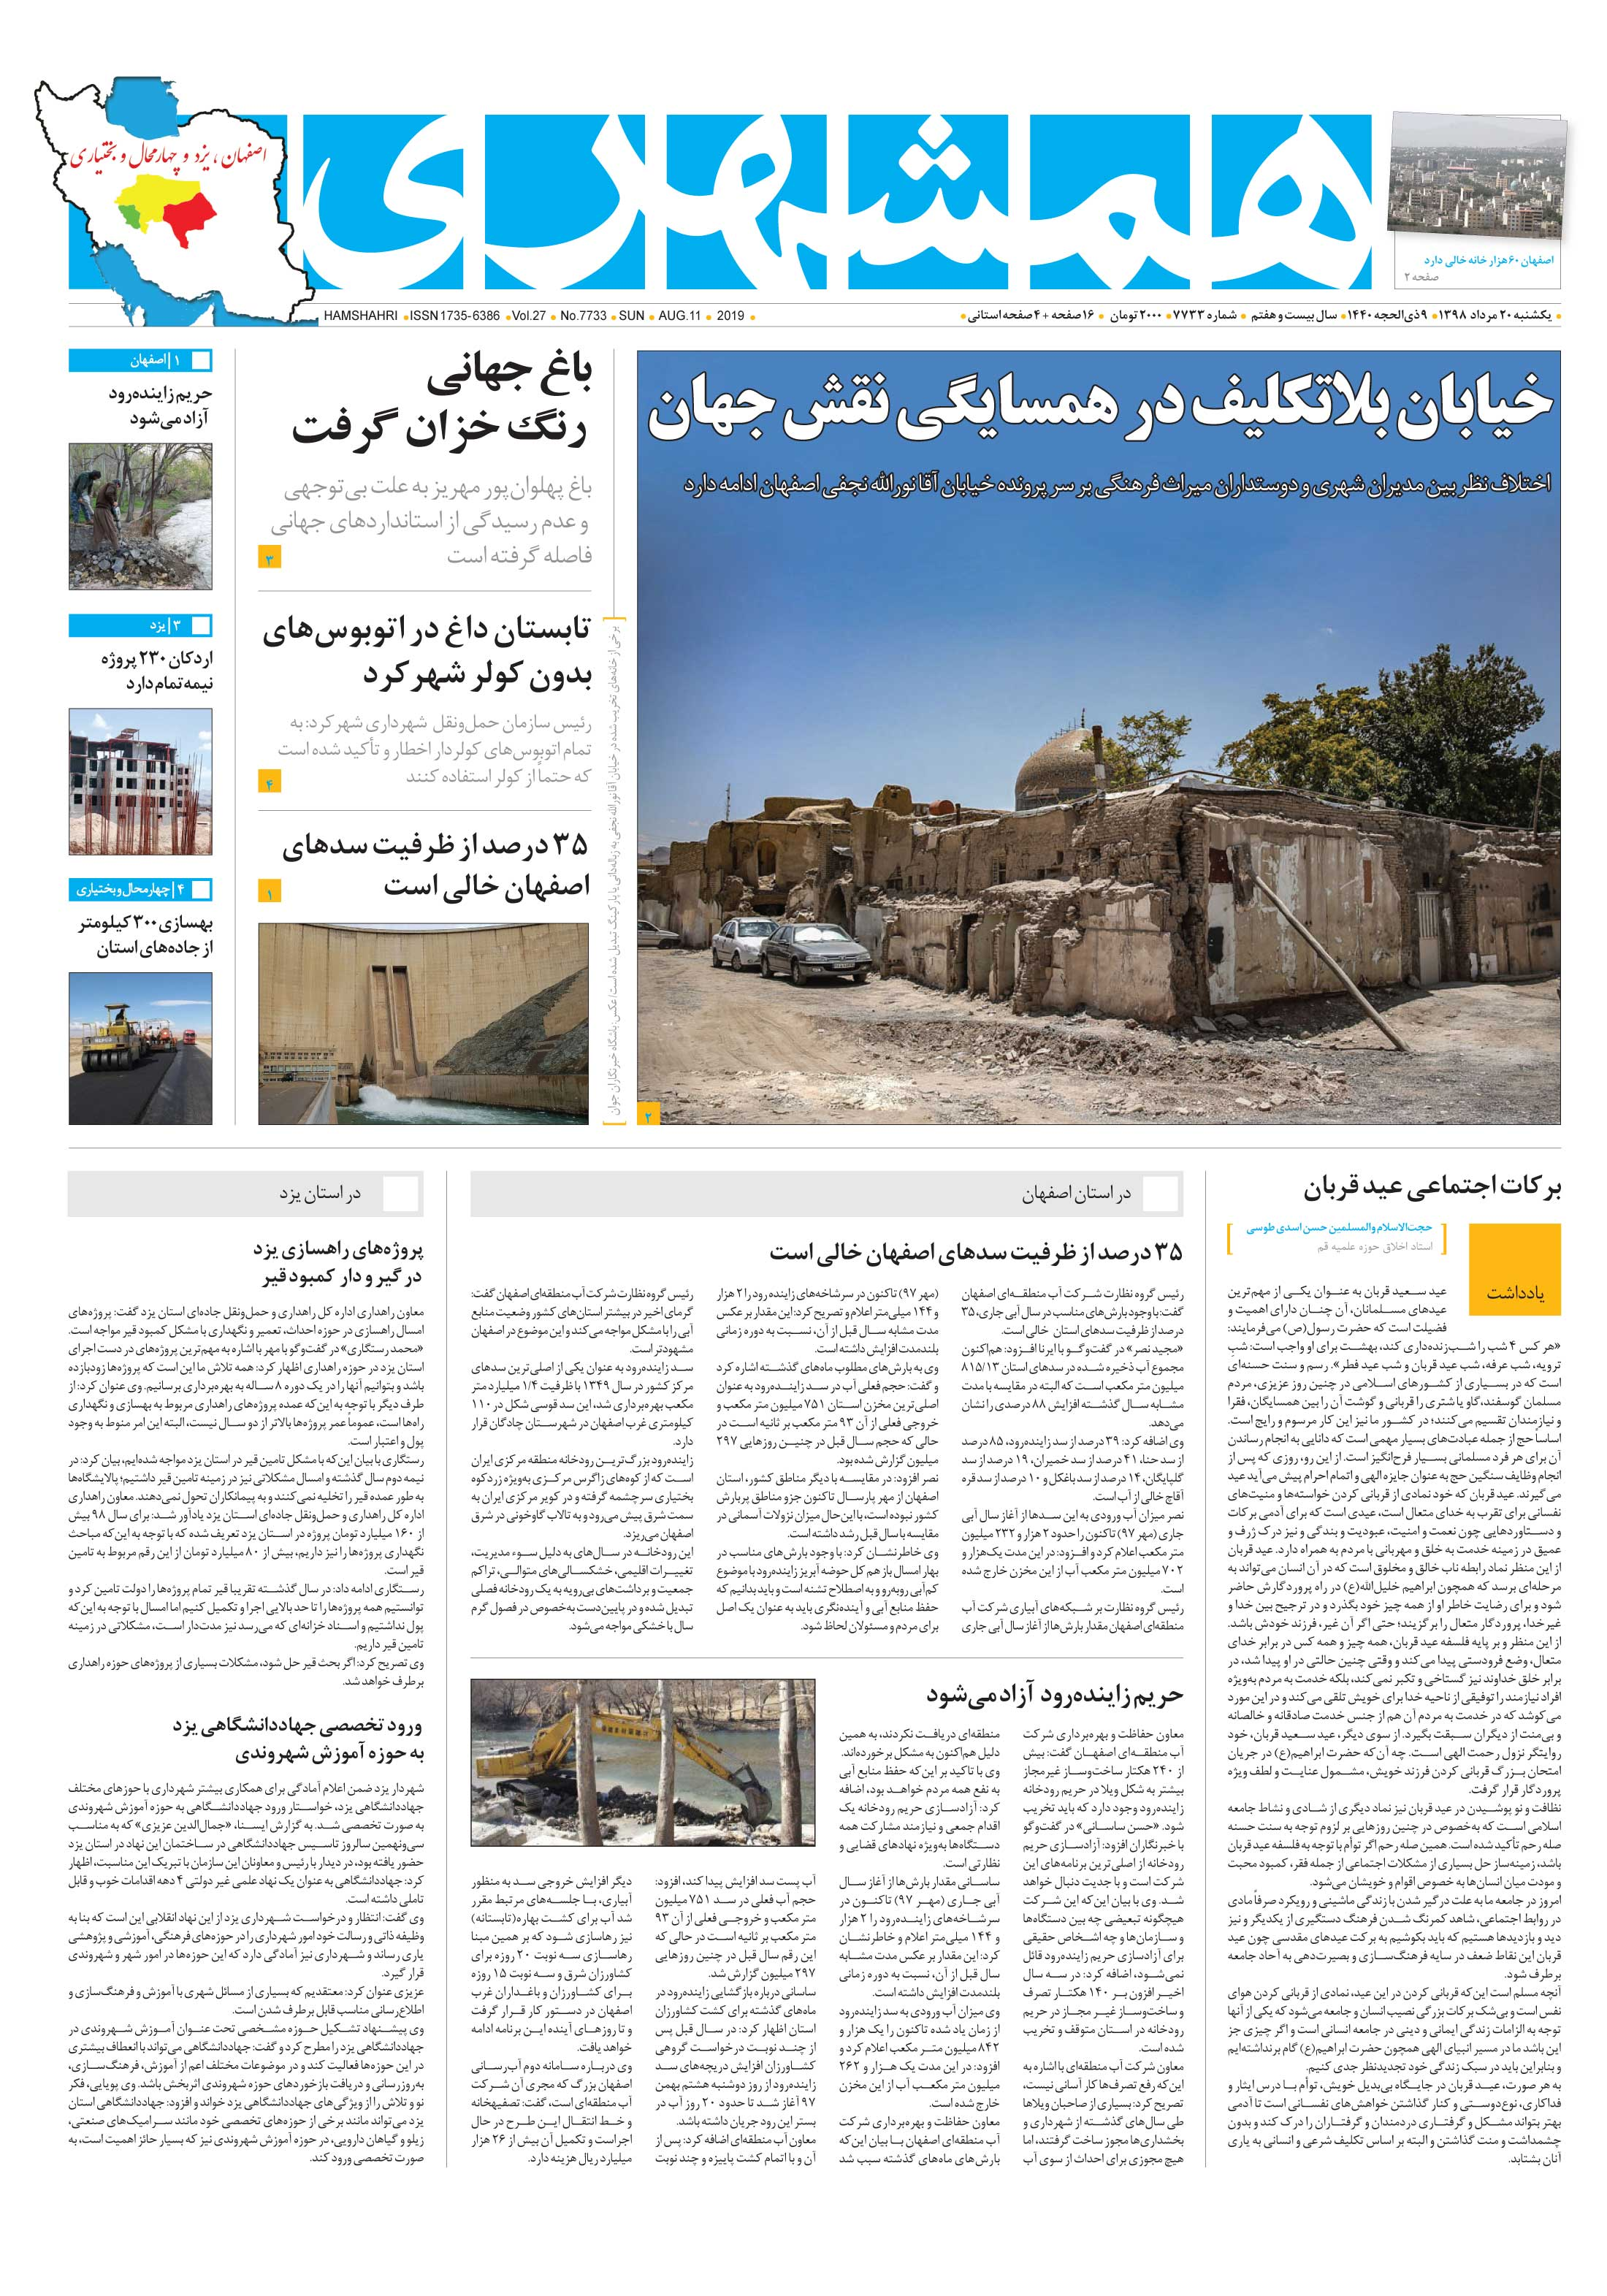 اصفهان، چهارمحال و بختیاری، یزد